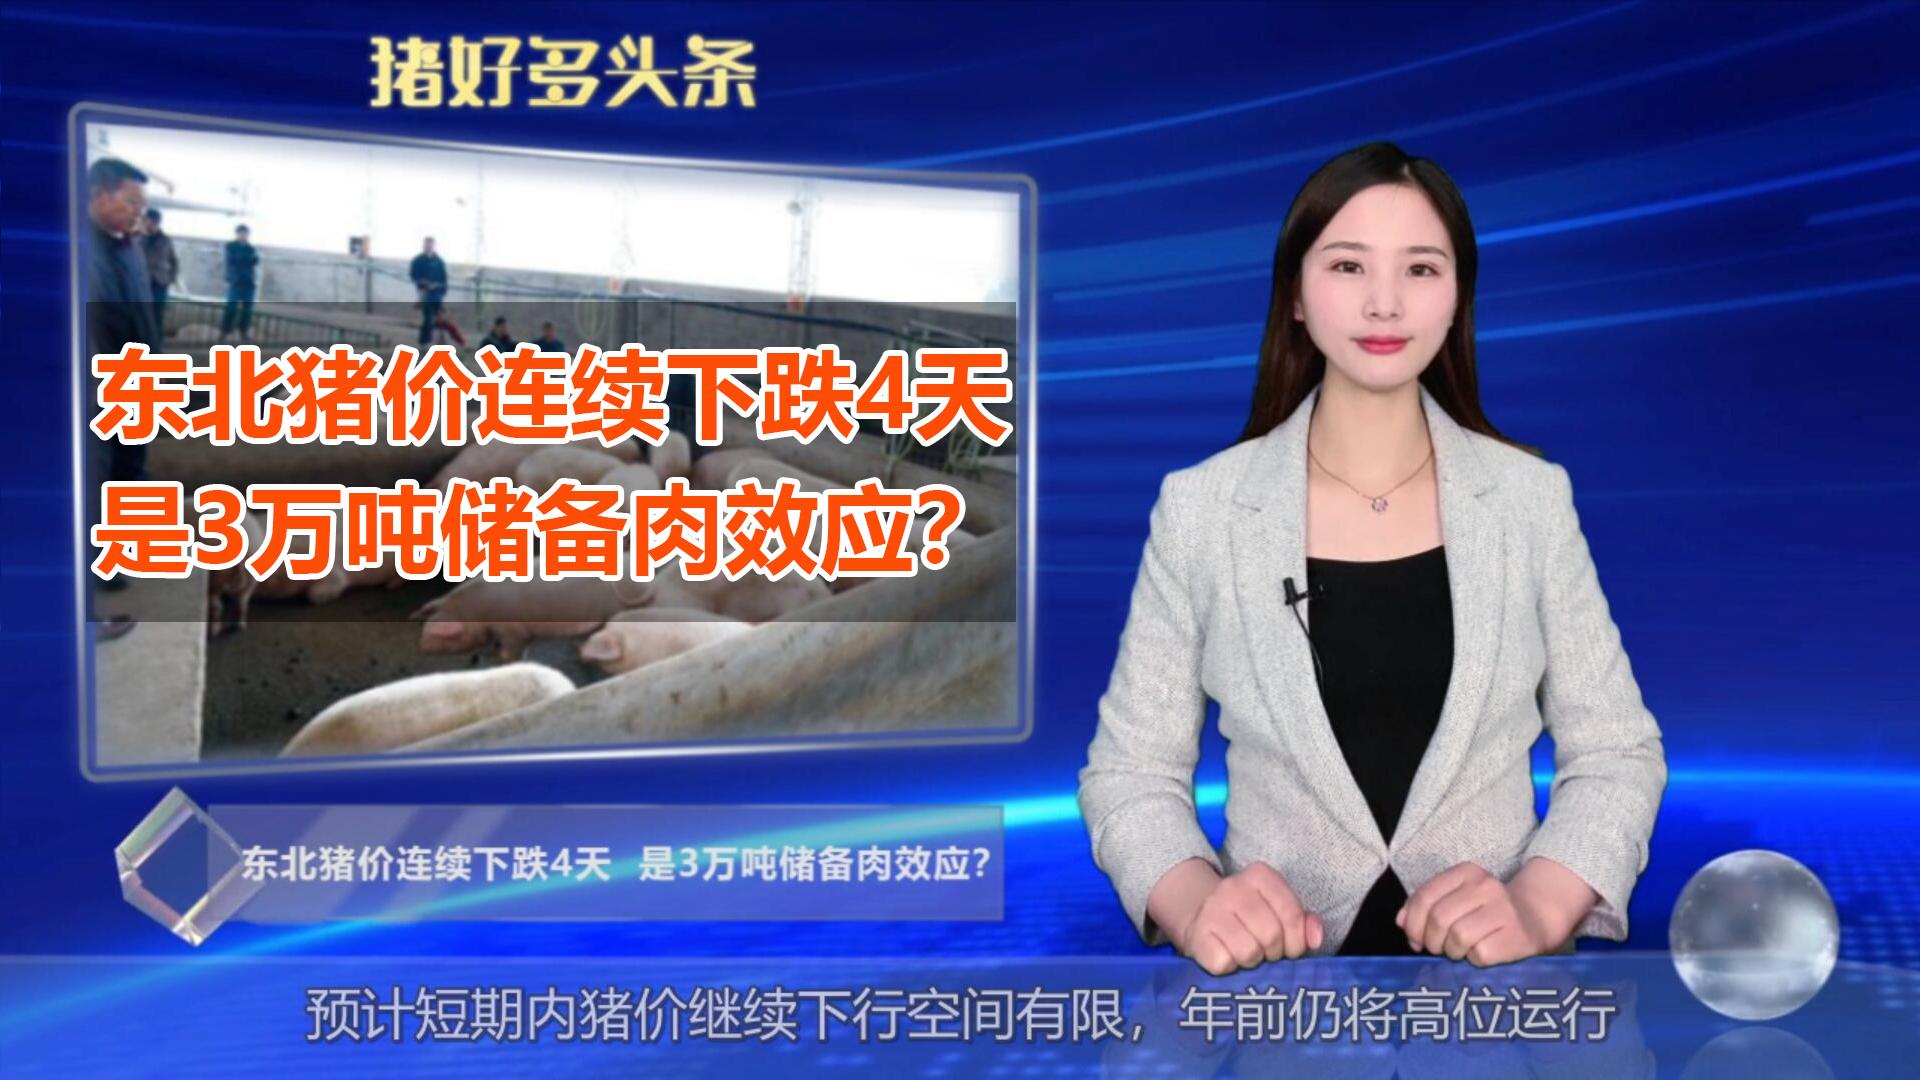 """东北猪价连续下跌4天,是3万吨储备肉效应?不得不""""顺势而为"""""""